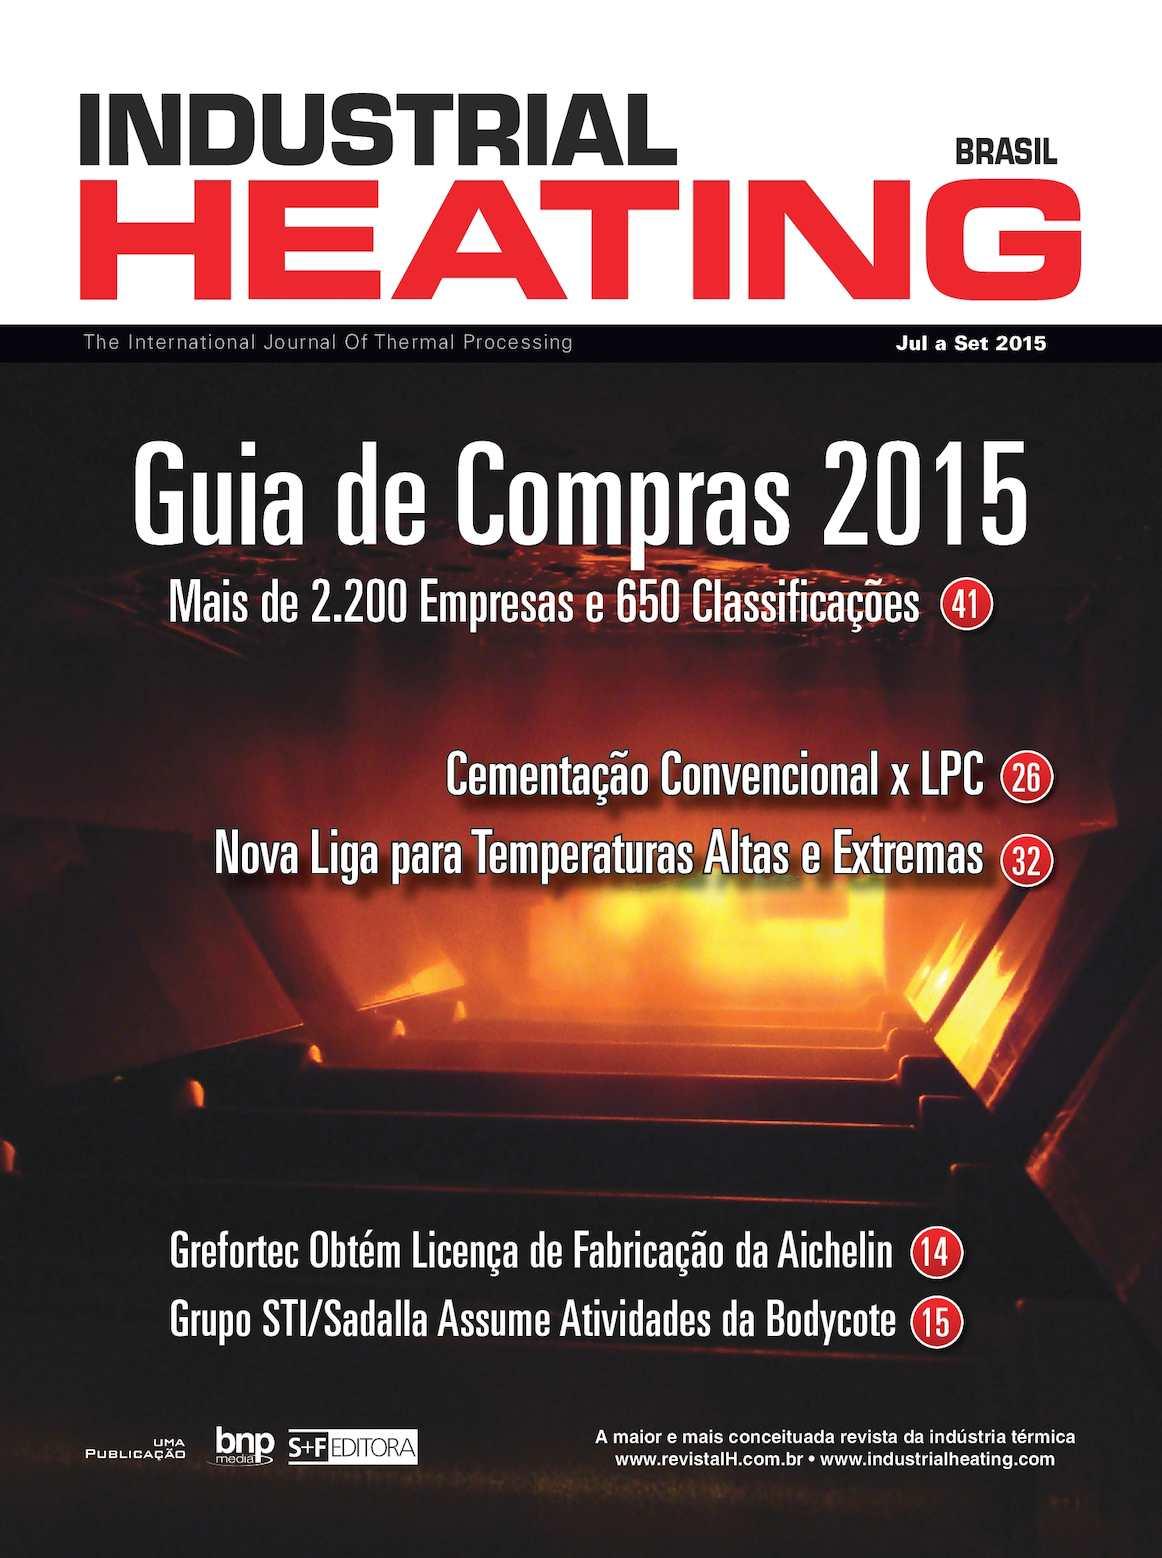 Calaméo - Revista Industrial Heating Brasil - Jul a Set 2015 bfa97543202dc